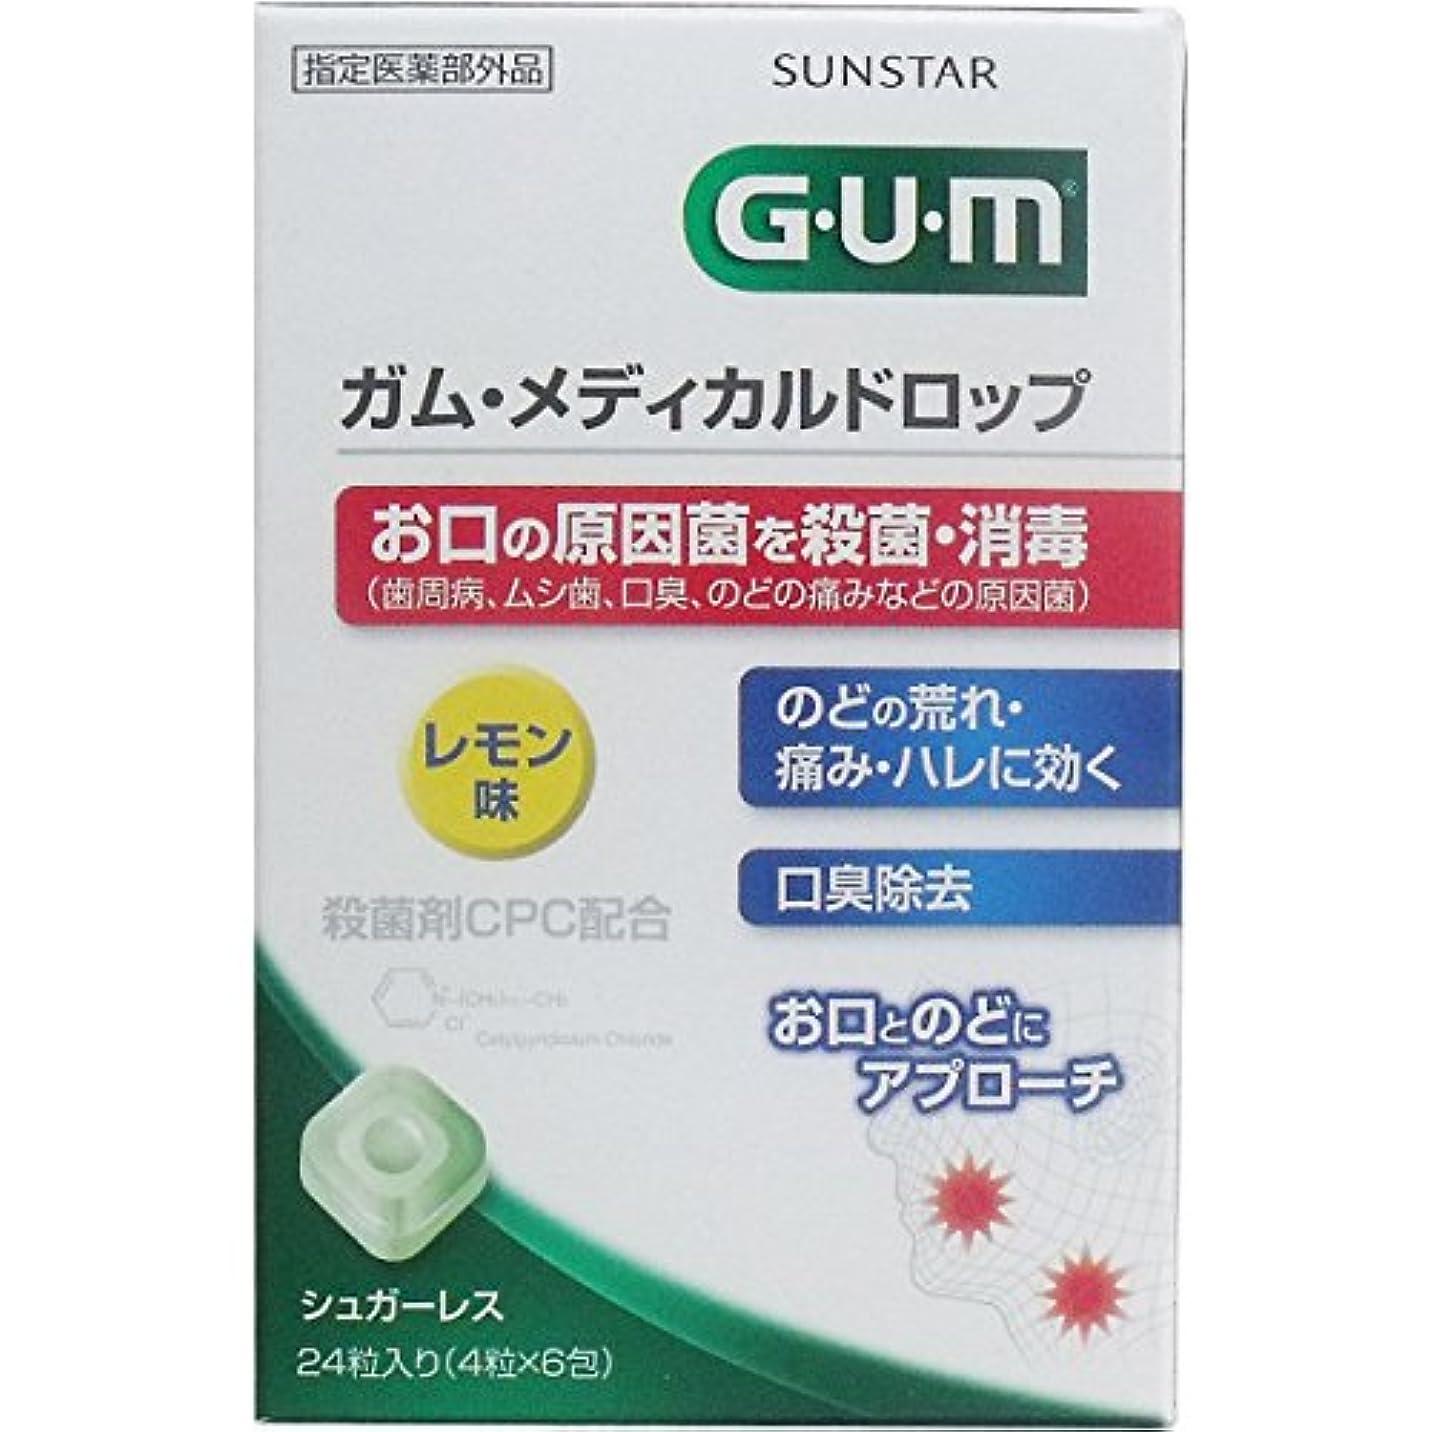 苦しめるワットコンクリート【5個セット】GUM(ガム) メディカルドロップ レモン味 24粒